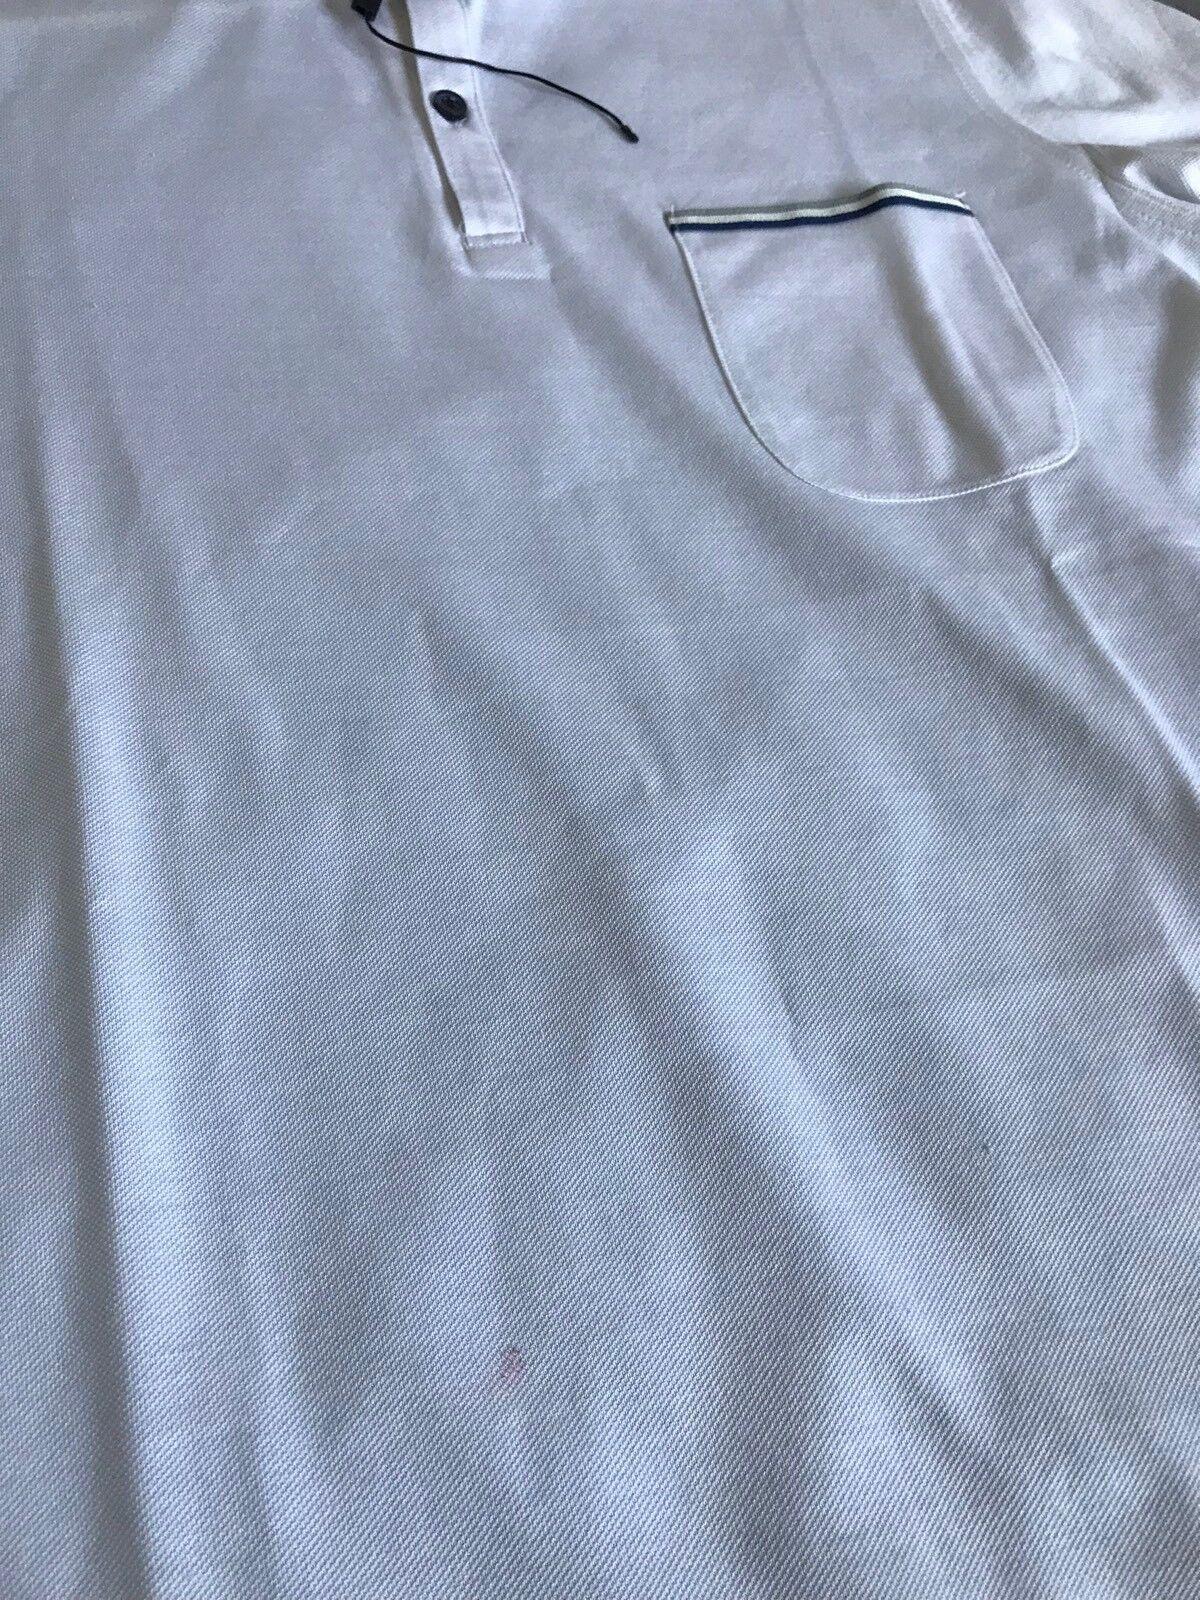 Grigio Medium SOLID Bene Zip - giacca sudore da colore: uomo, taglia:M, colore: da (mew) 57097a